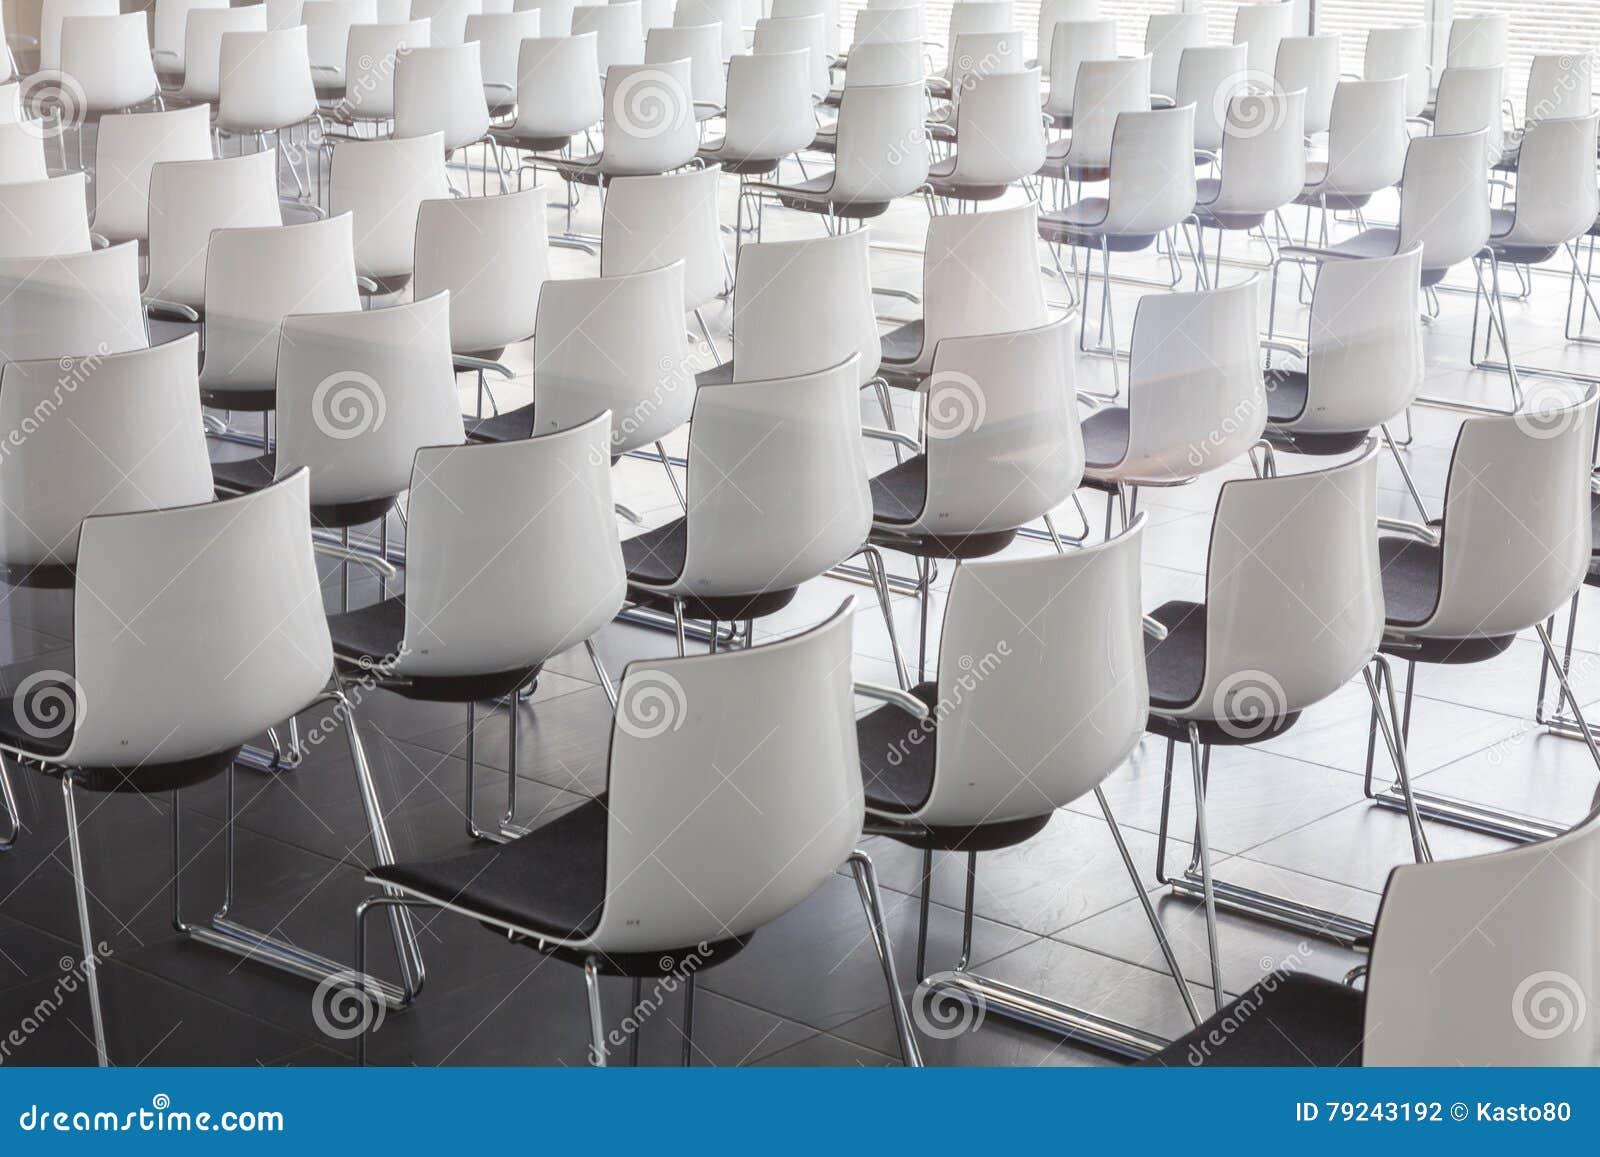 Svuoti Le Sedie Bianche Nella Sala Per Conferenze Contemporanea Con Fotografia Stock - Immagine ...